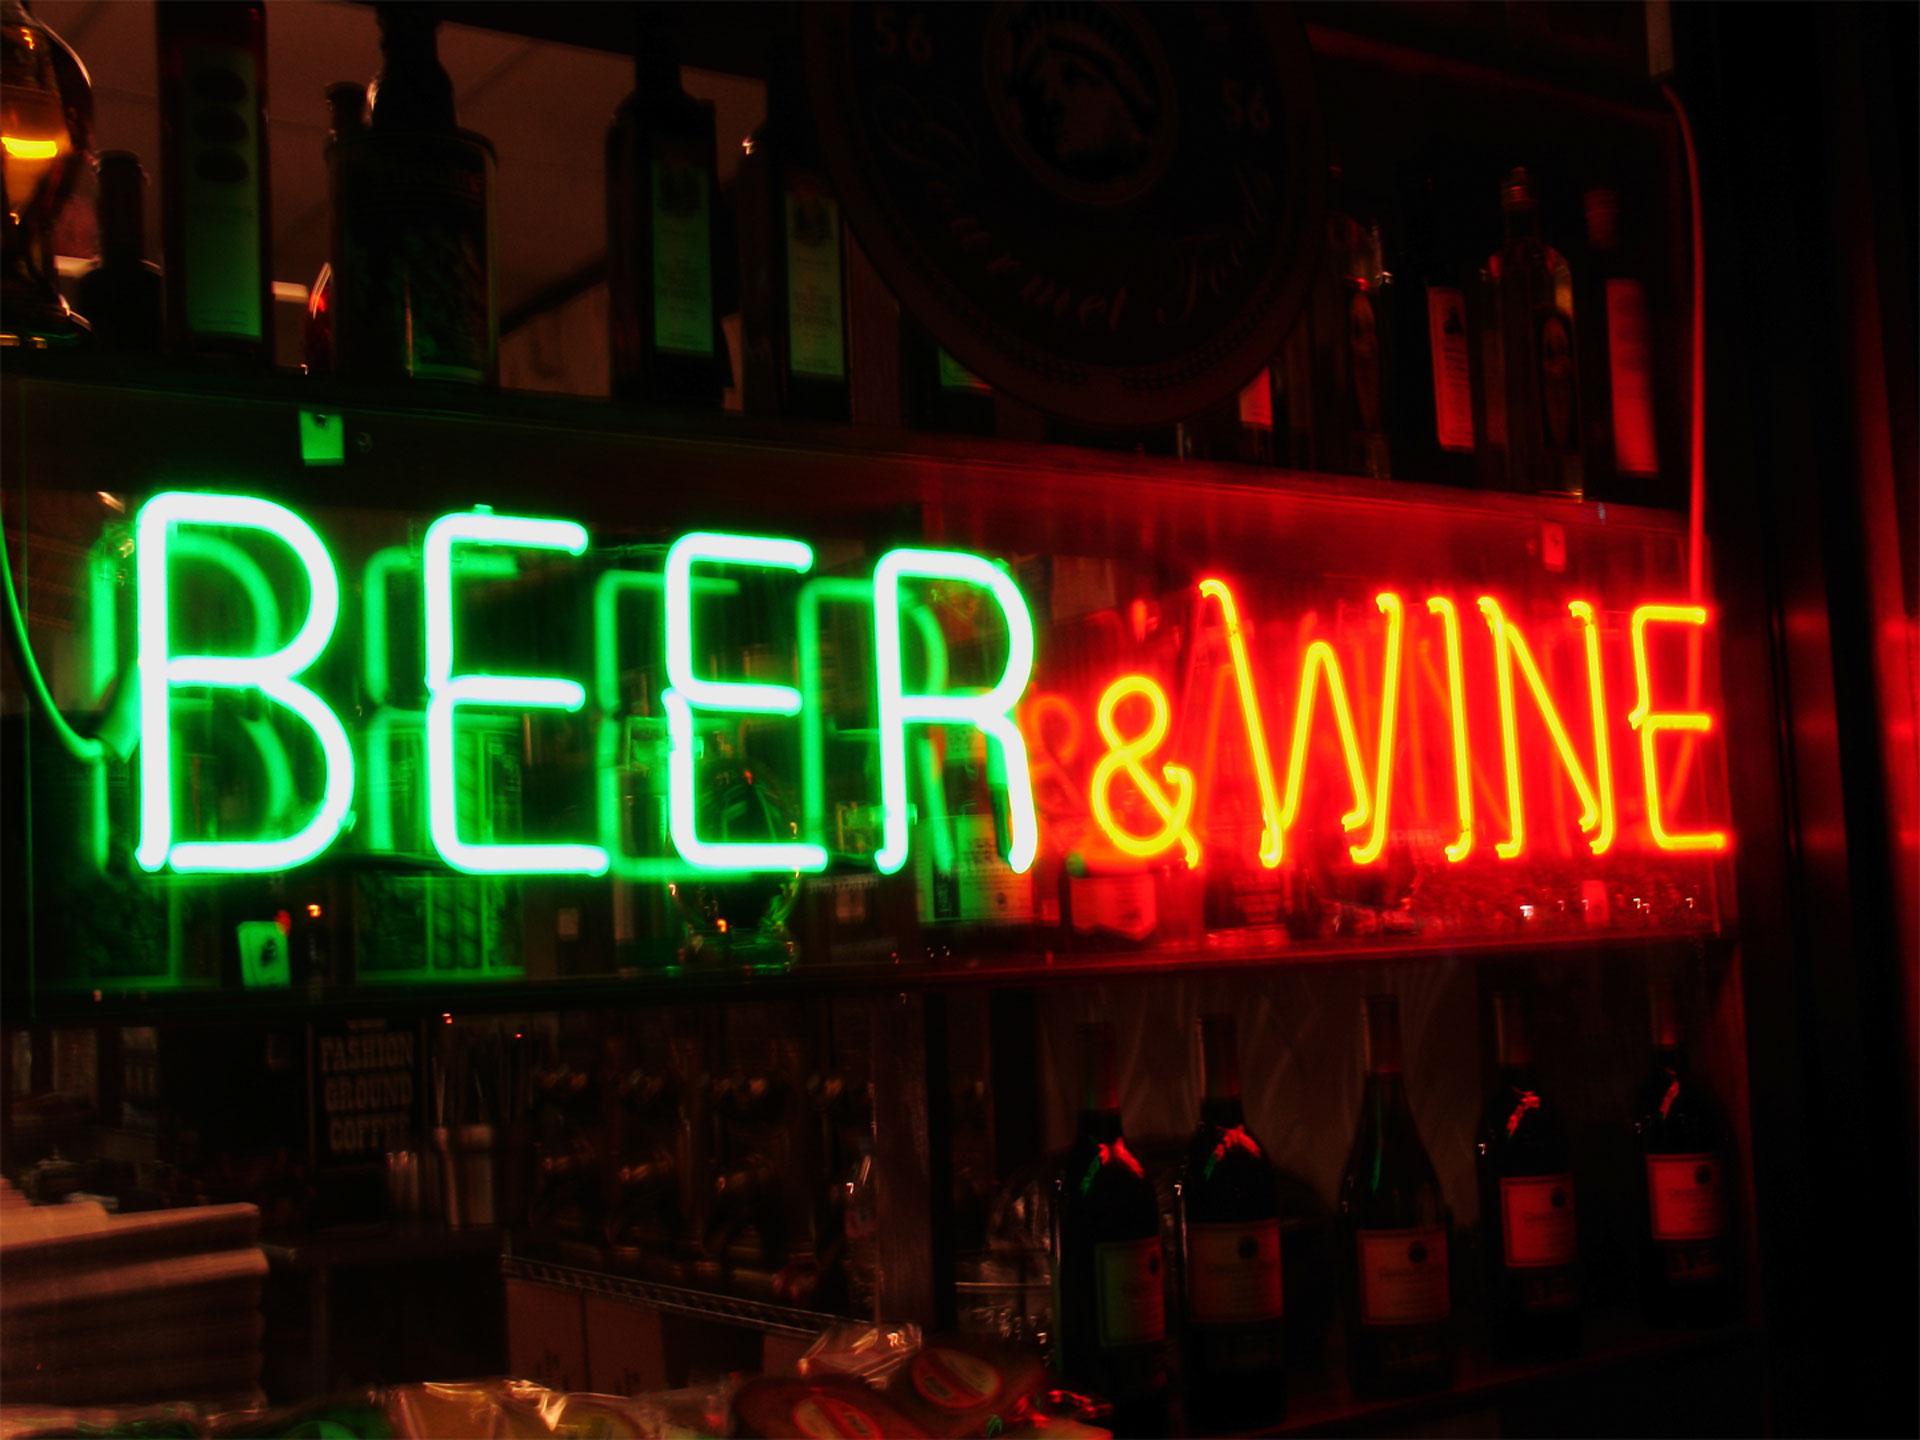 Para algunos, el vino tiene mayores beneficios que la cerveza. Te sorprenderá saber que ambas bebidas no son tan diferentes